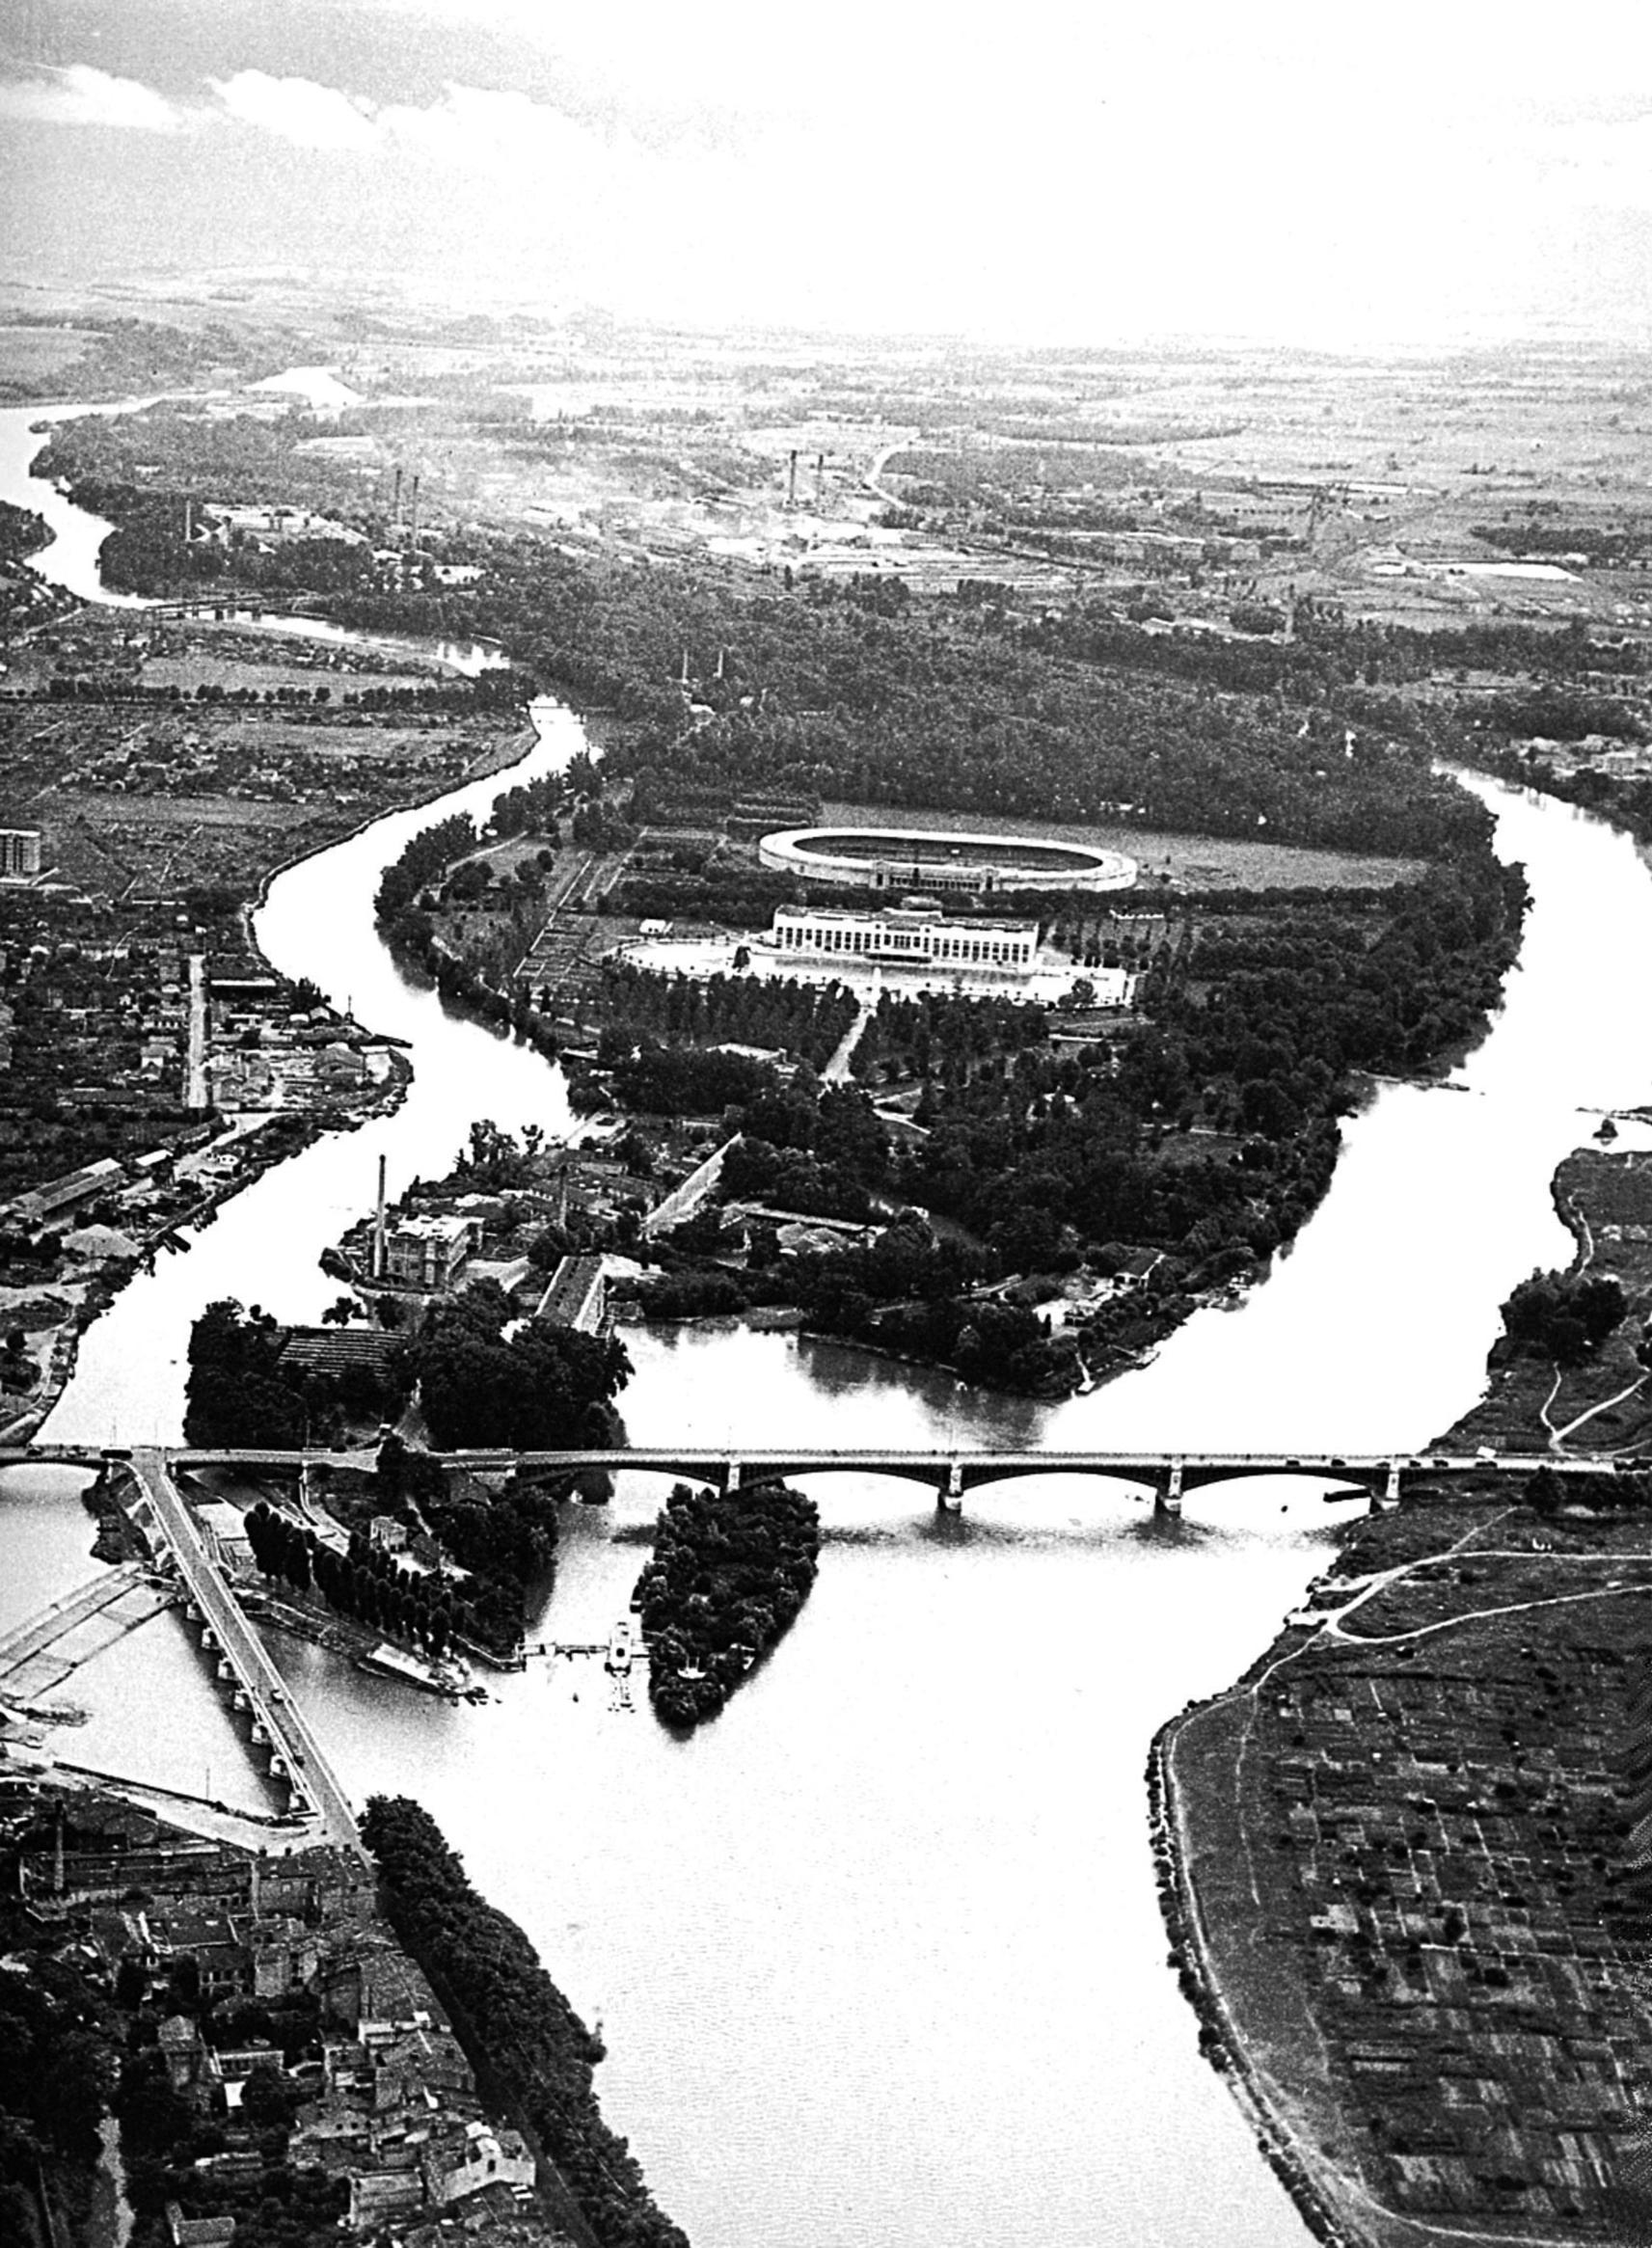 Le Parc Toulousain, poumon vert historique de Toulouse